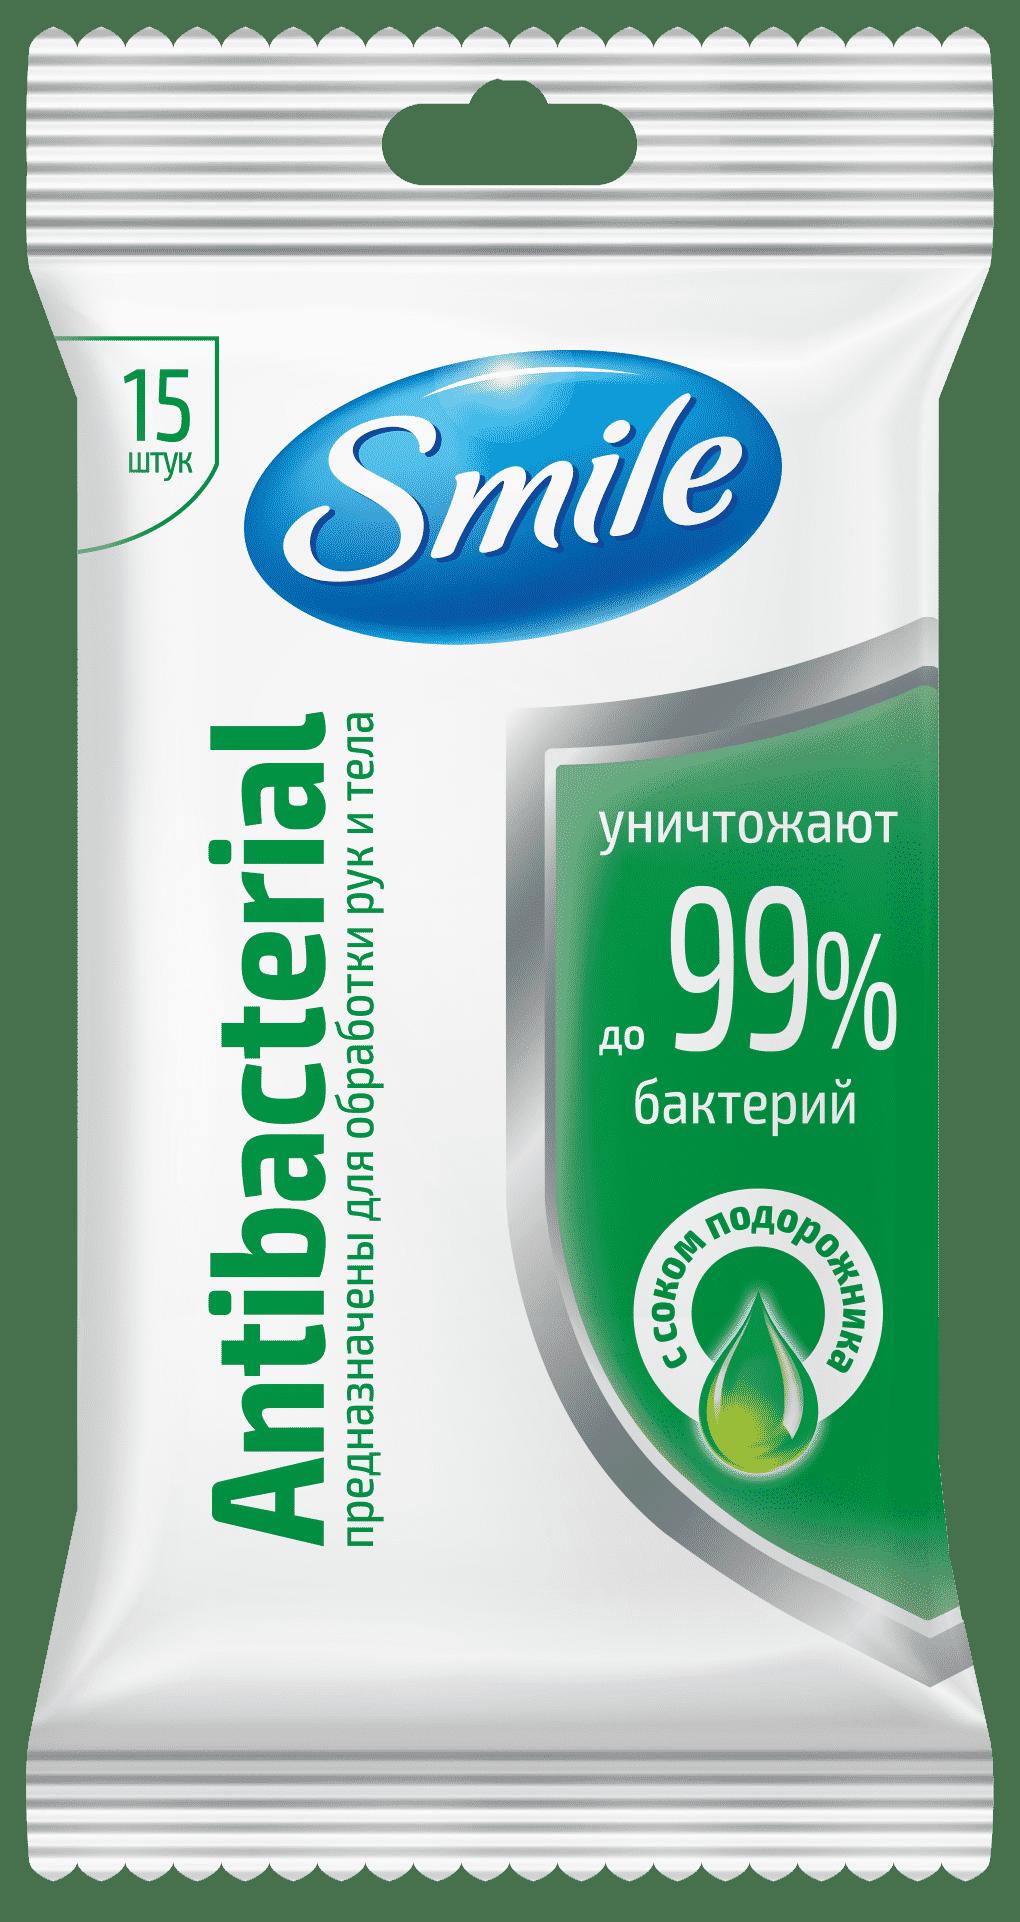 SMILE Серветка волога Antibacterial з соком подорожника, 15шт.